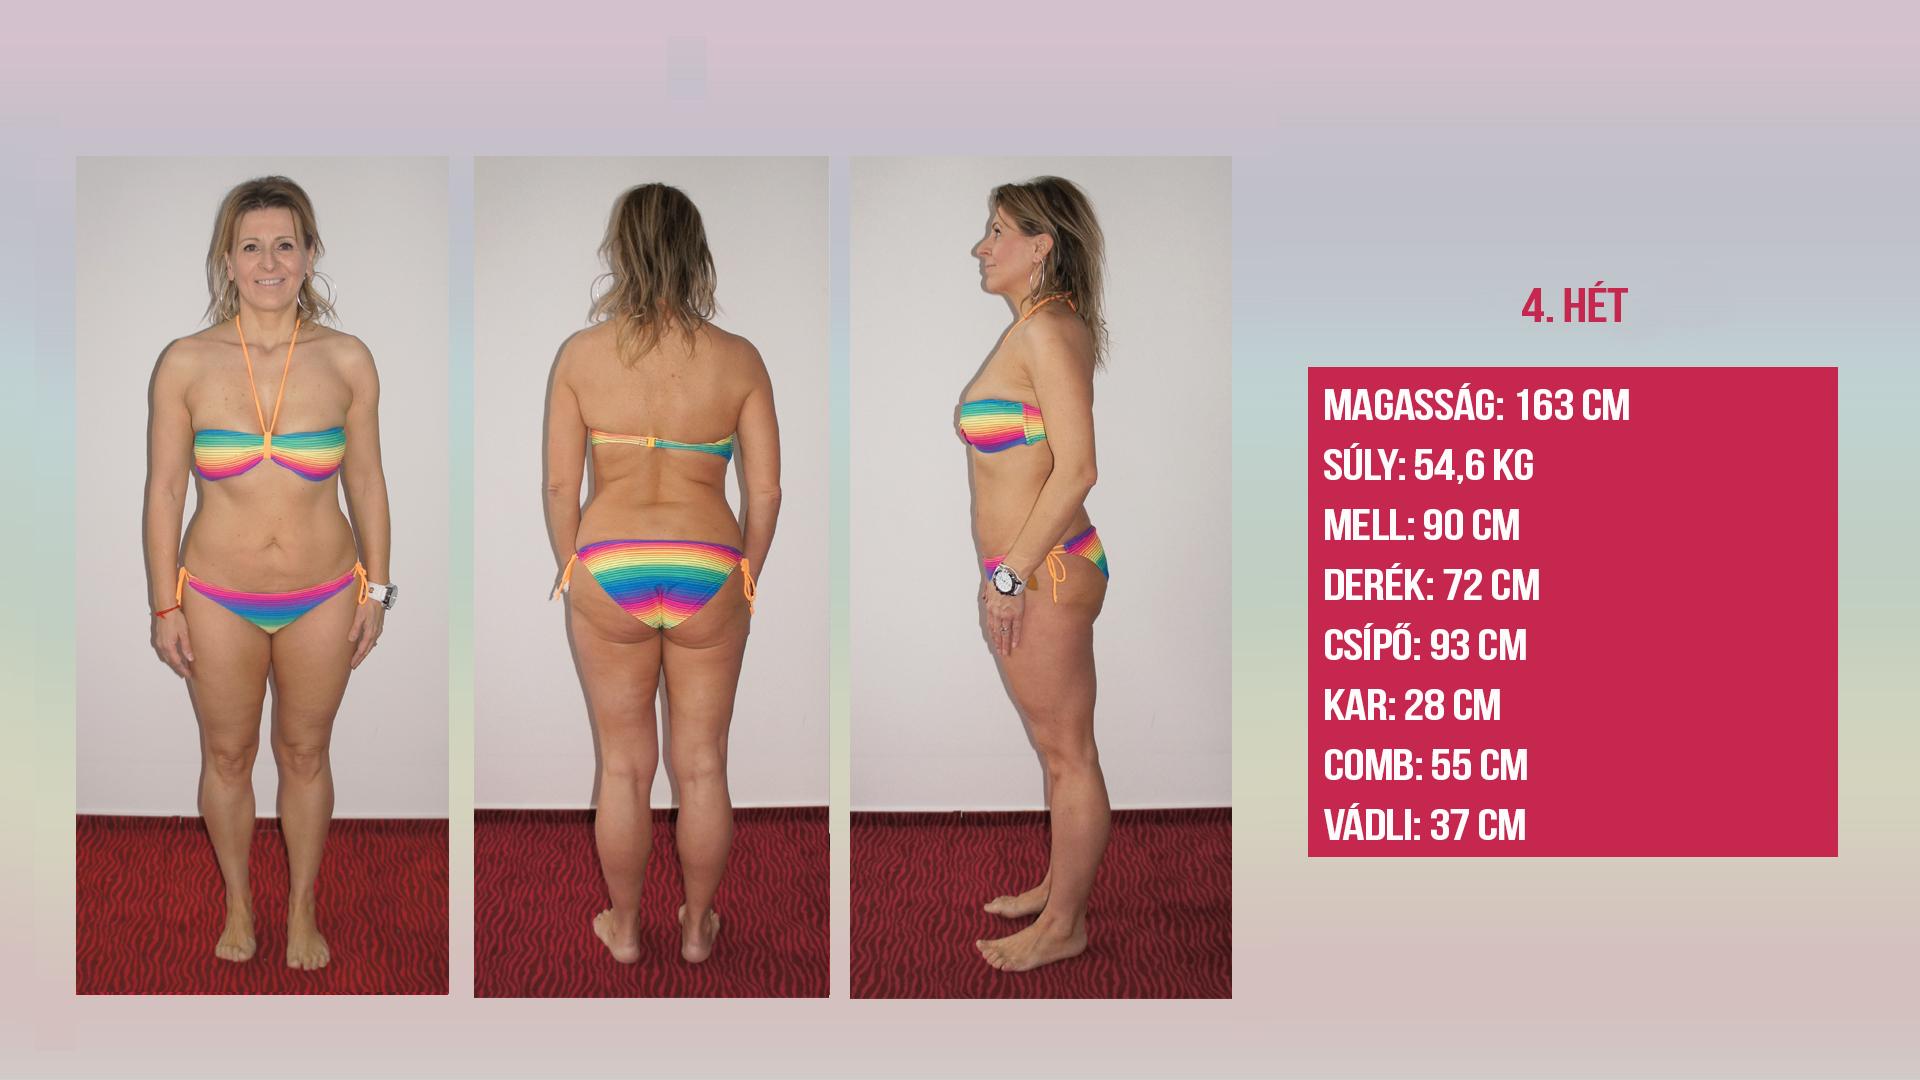 Fogyás egy hét alatt - Fogyókúra | Femina